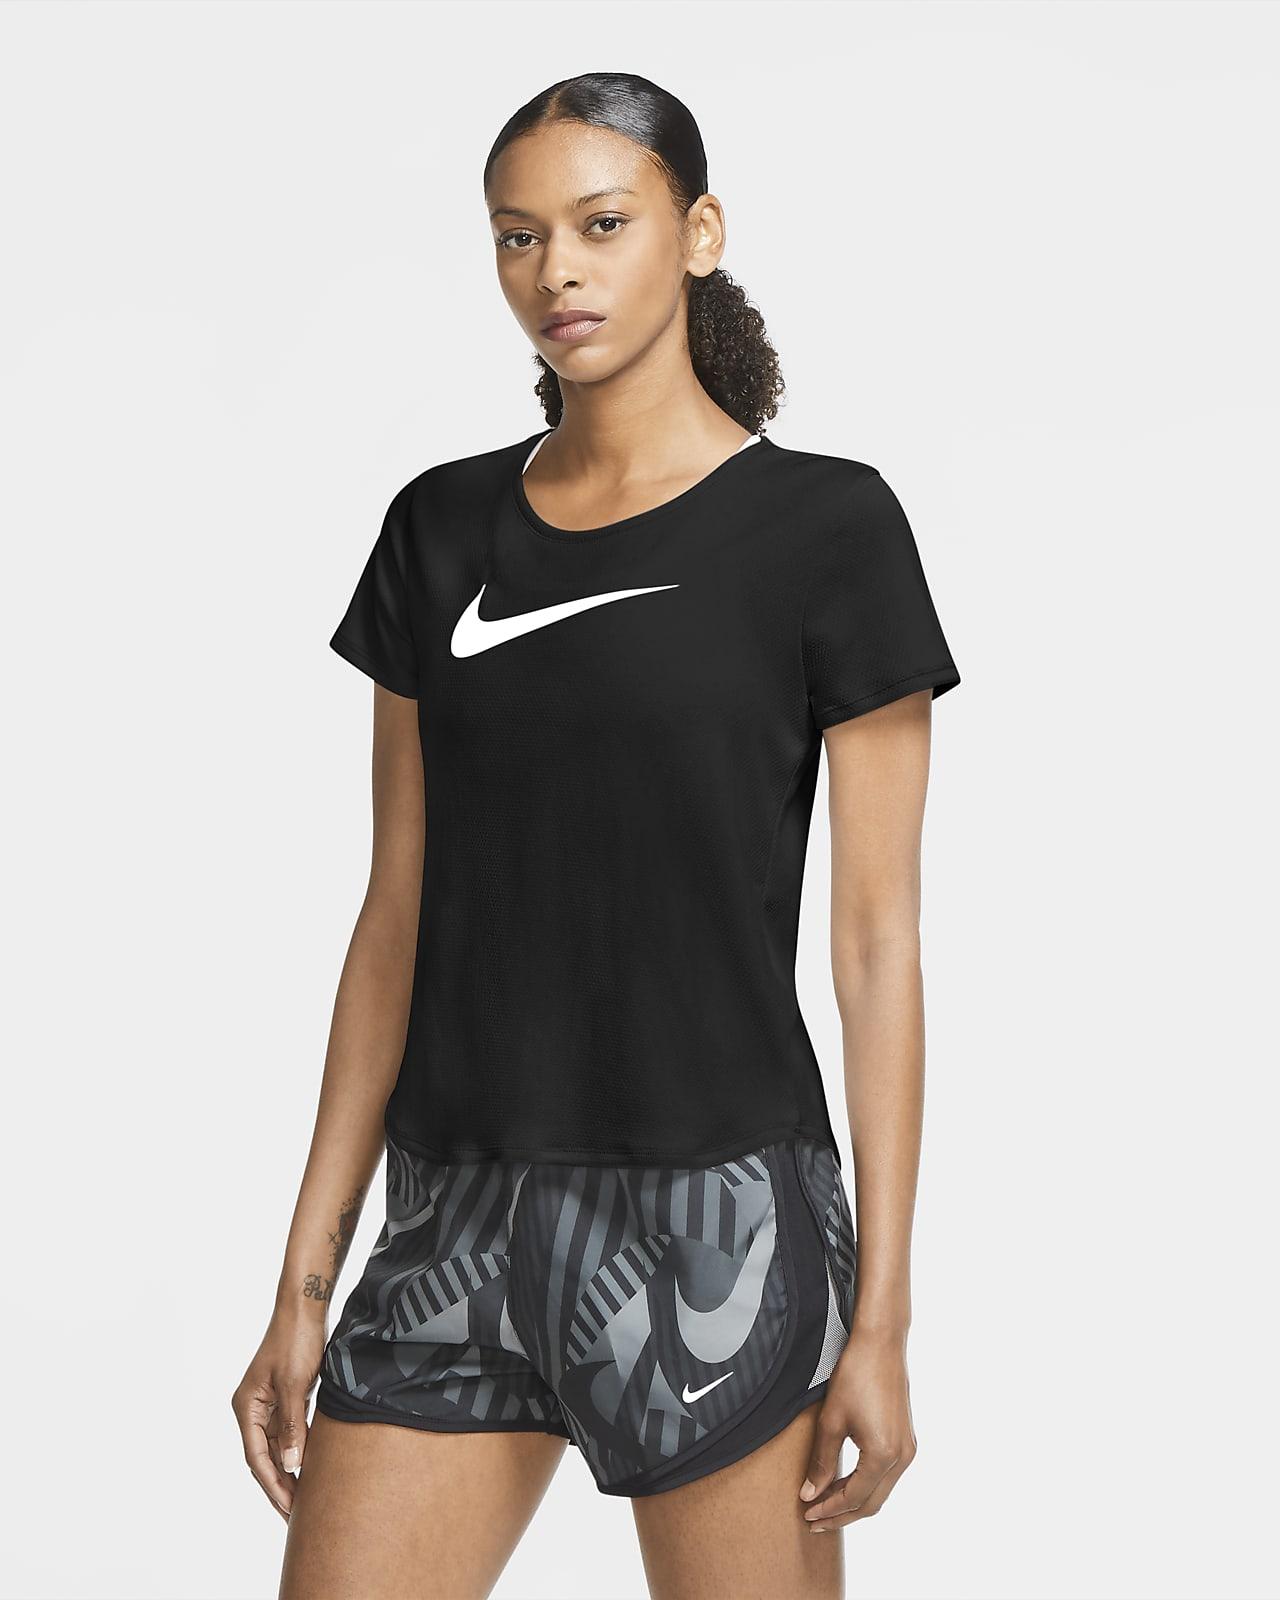 Nike Swoosh Run Hardlooptop met korte mouwen voor dames